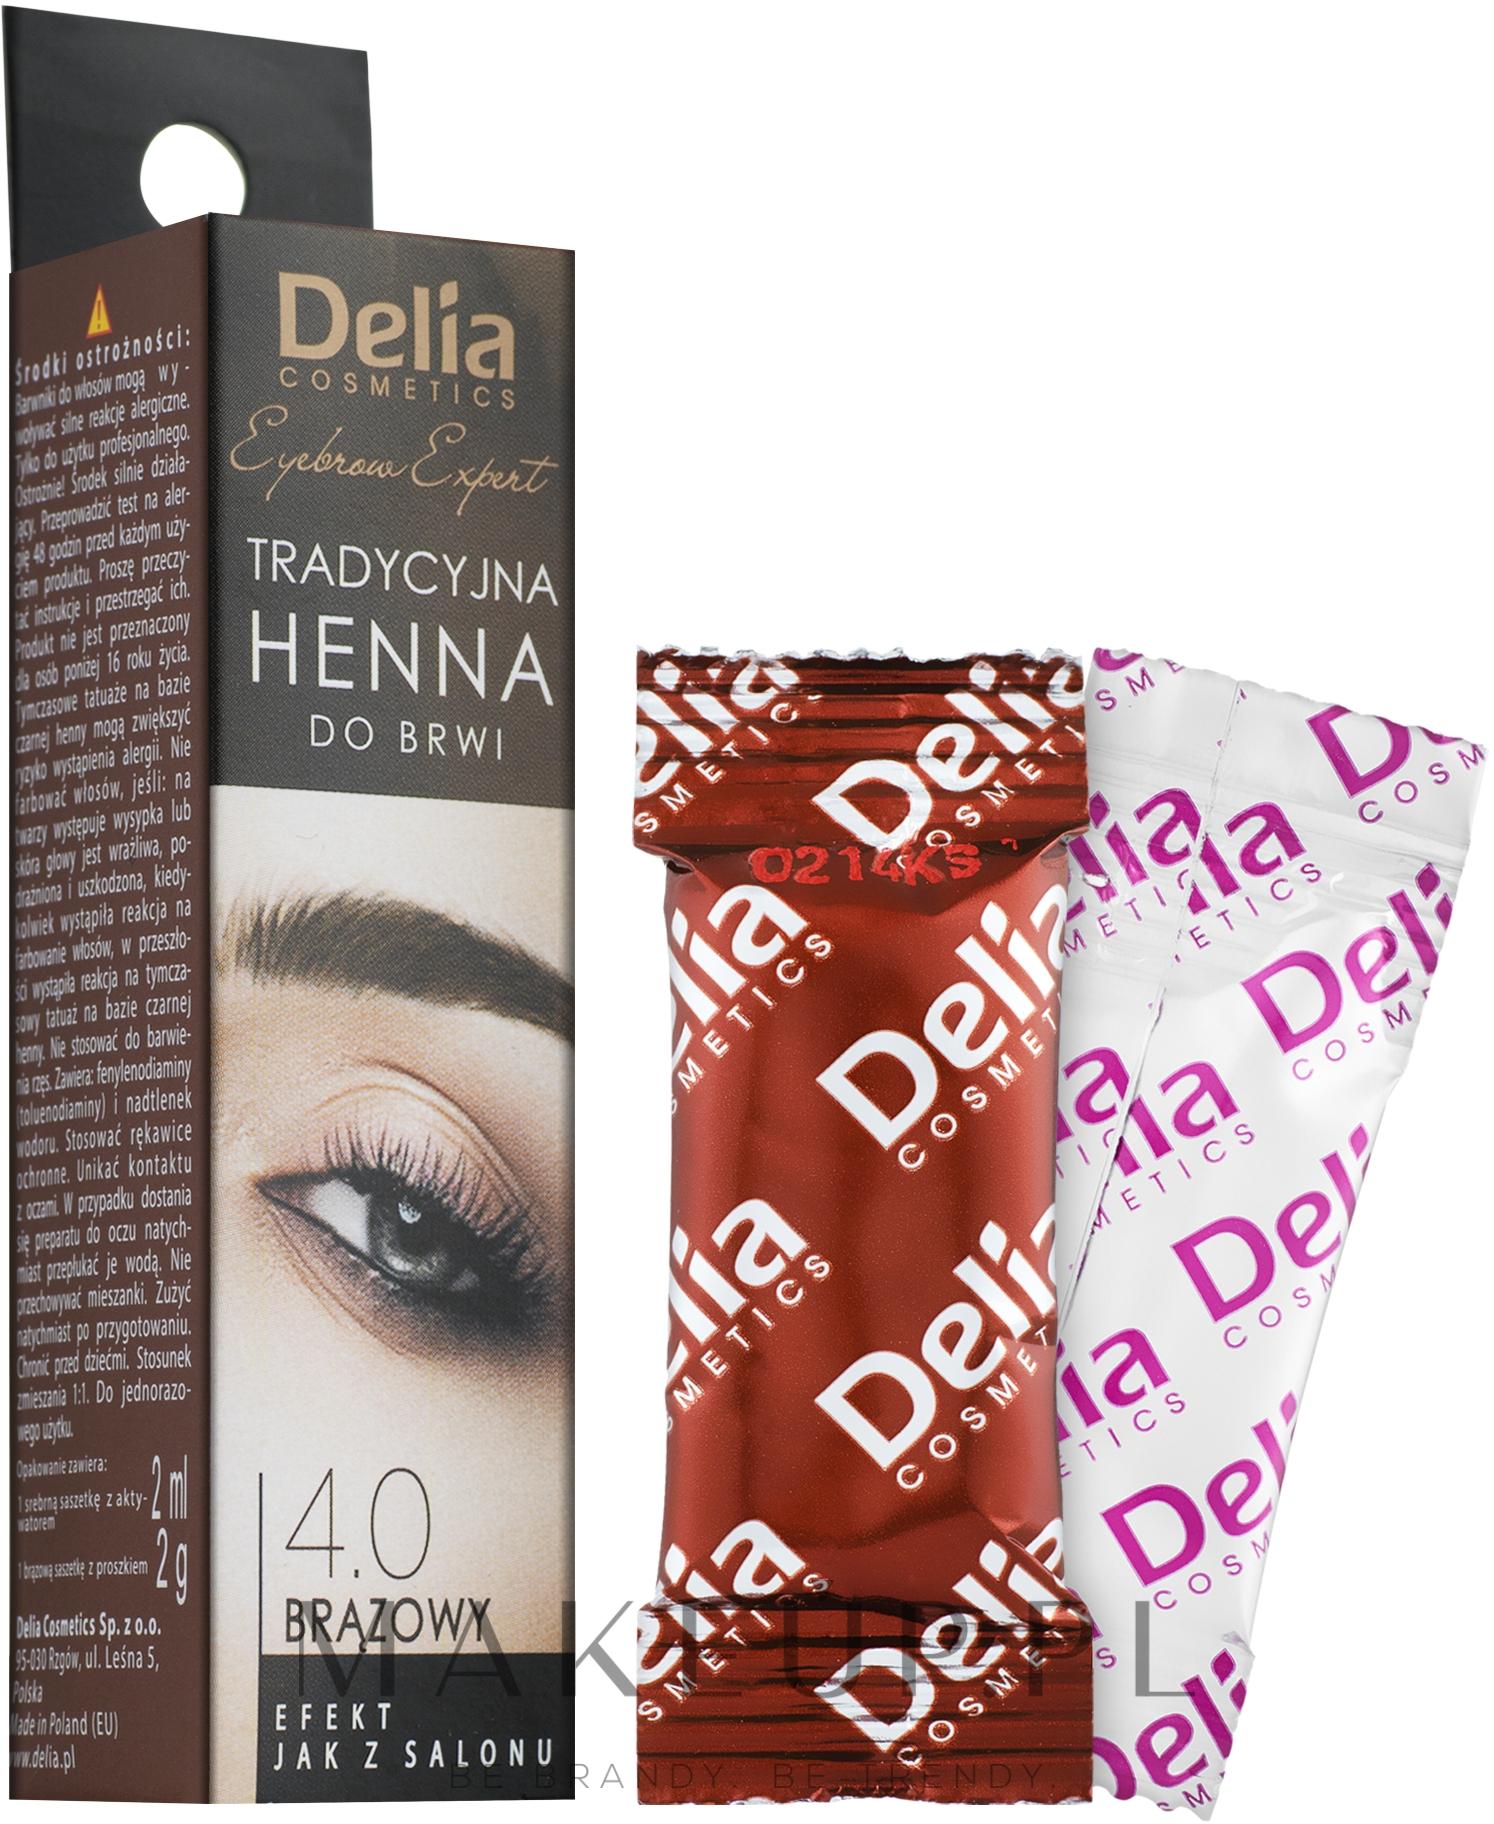 Tradycyjna henna do brwi (brązowa) - Delia Henna Eyebrow Tint — фото 2x2 ml